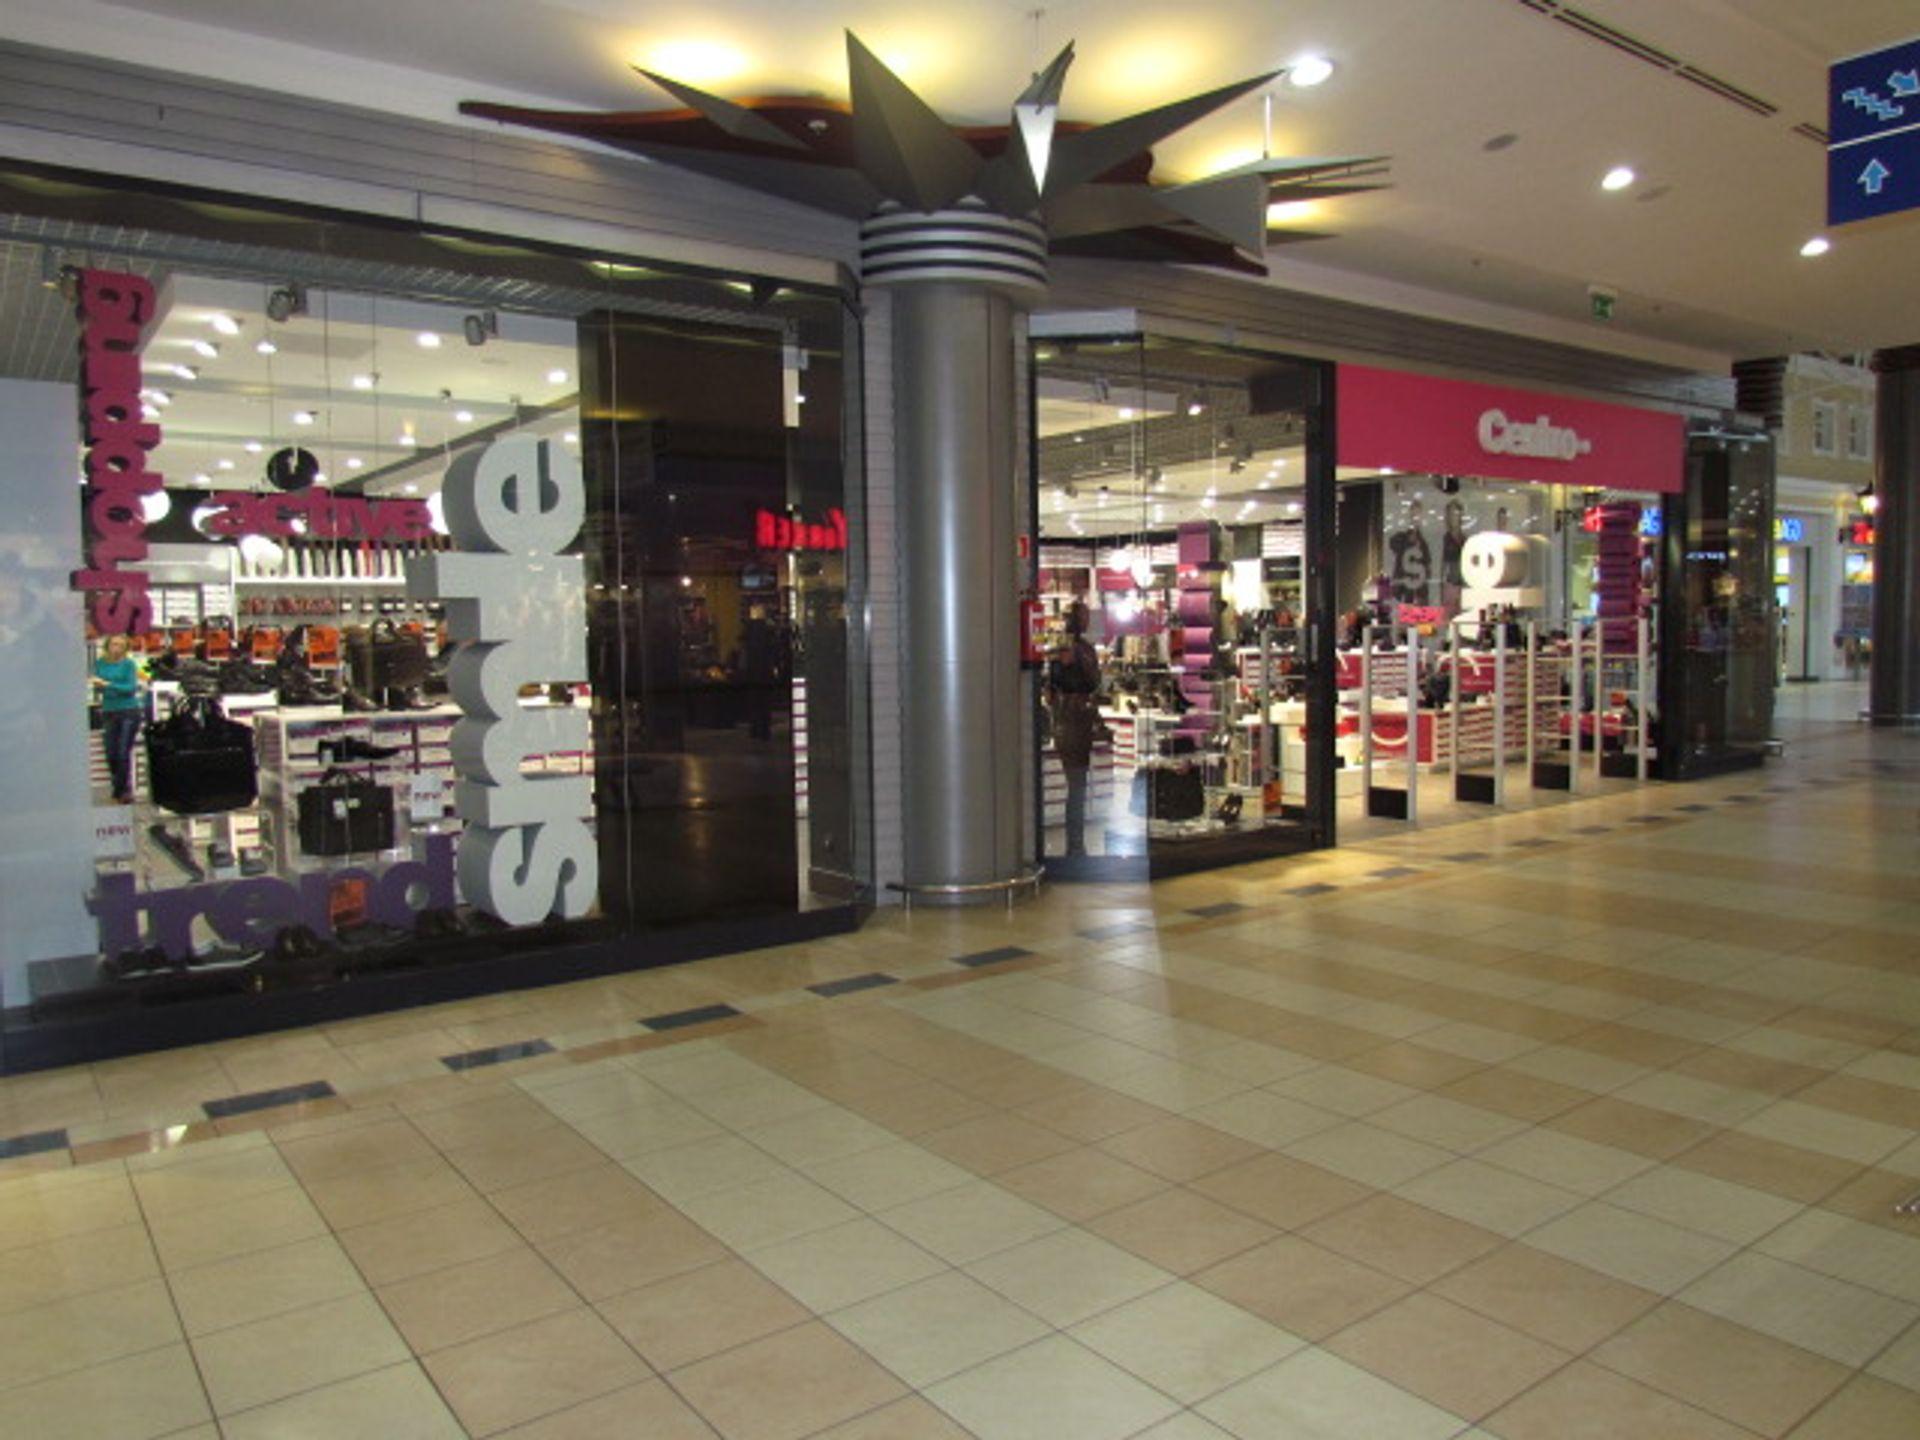 [Szczecin] Pierwszy w Szczecinie sklep międzynarodowej sieci Centro otworzył się w Galerii Turzyn